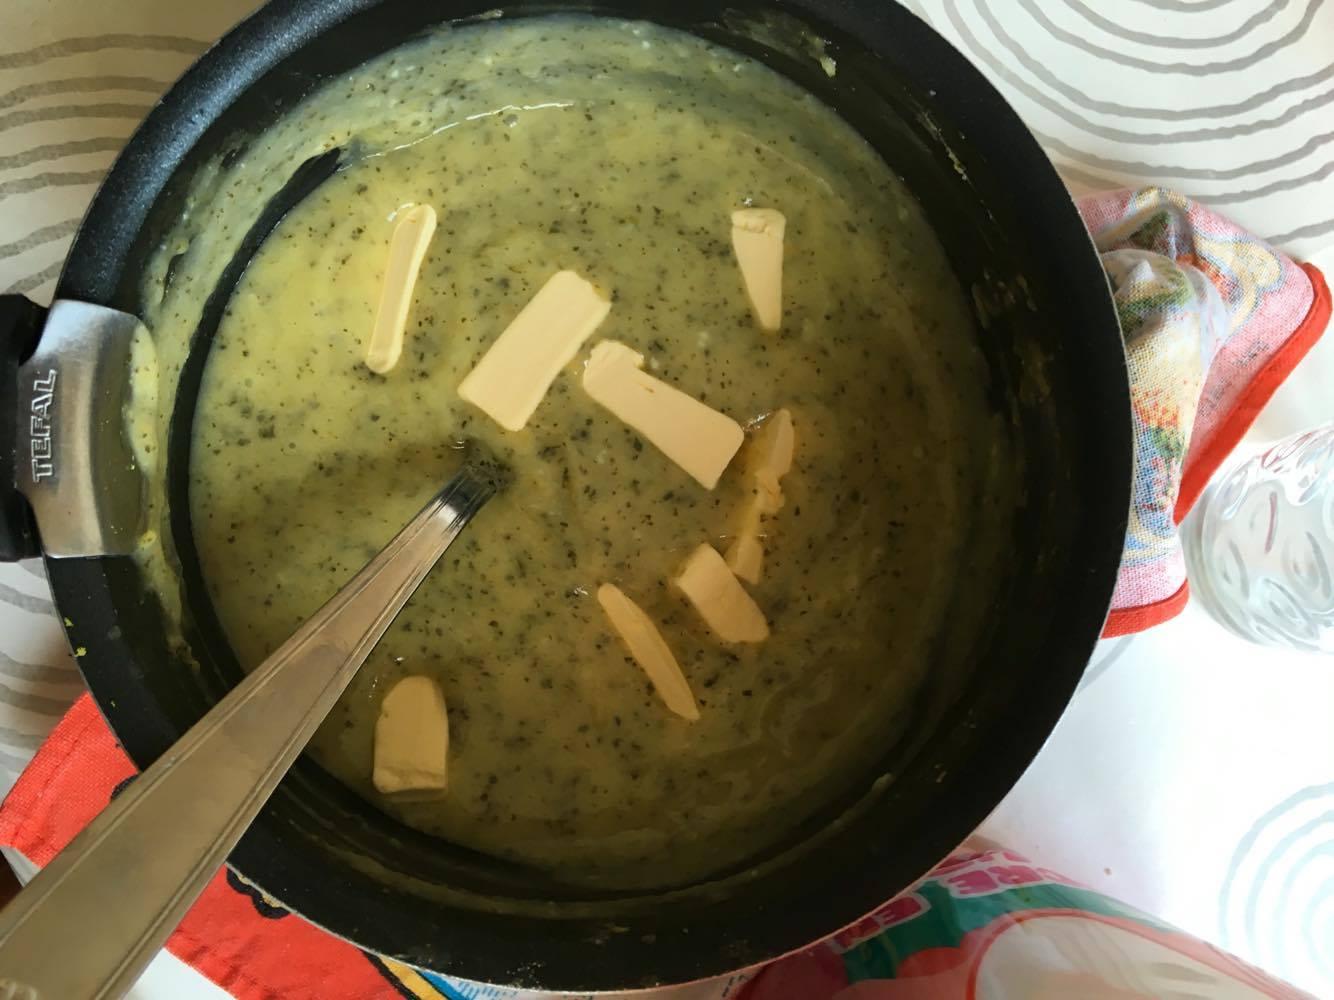 ajout du beurre pour la tarte mojito